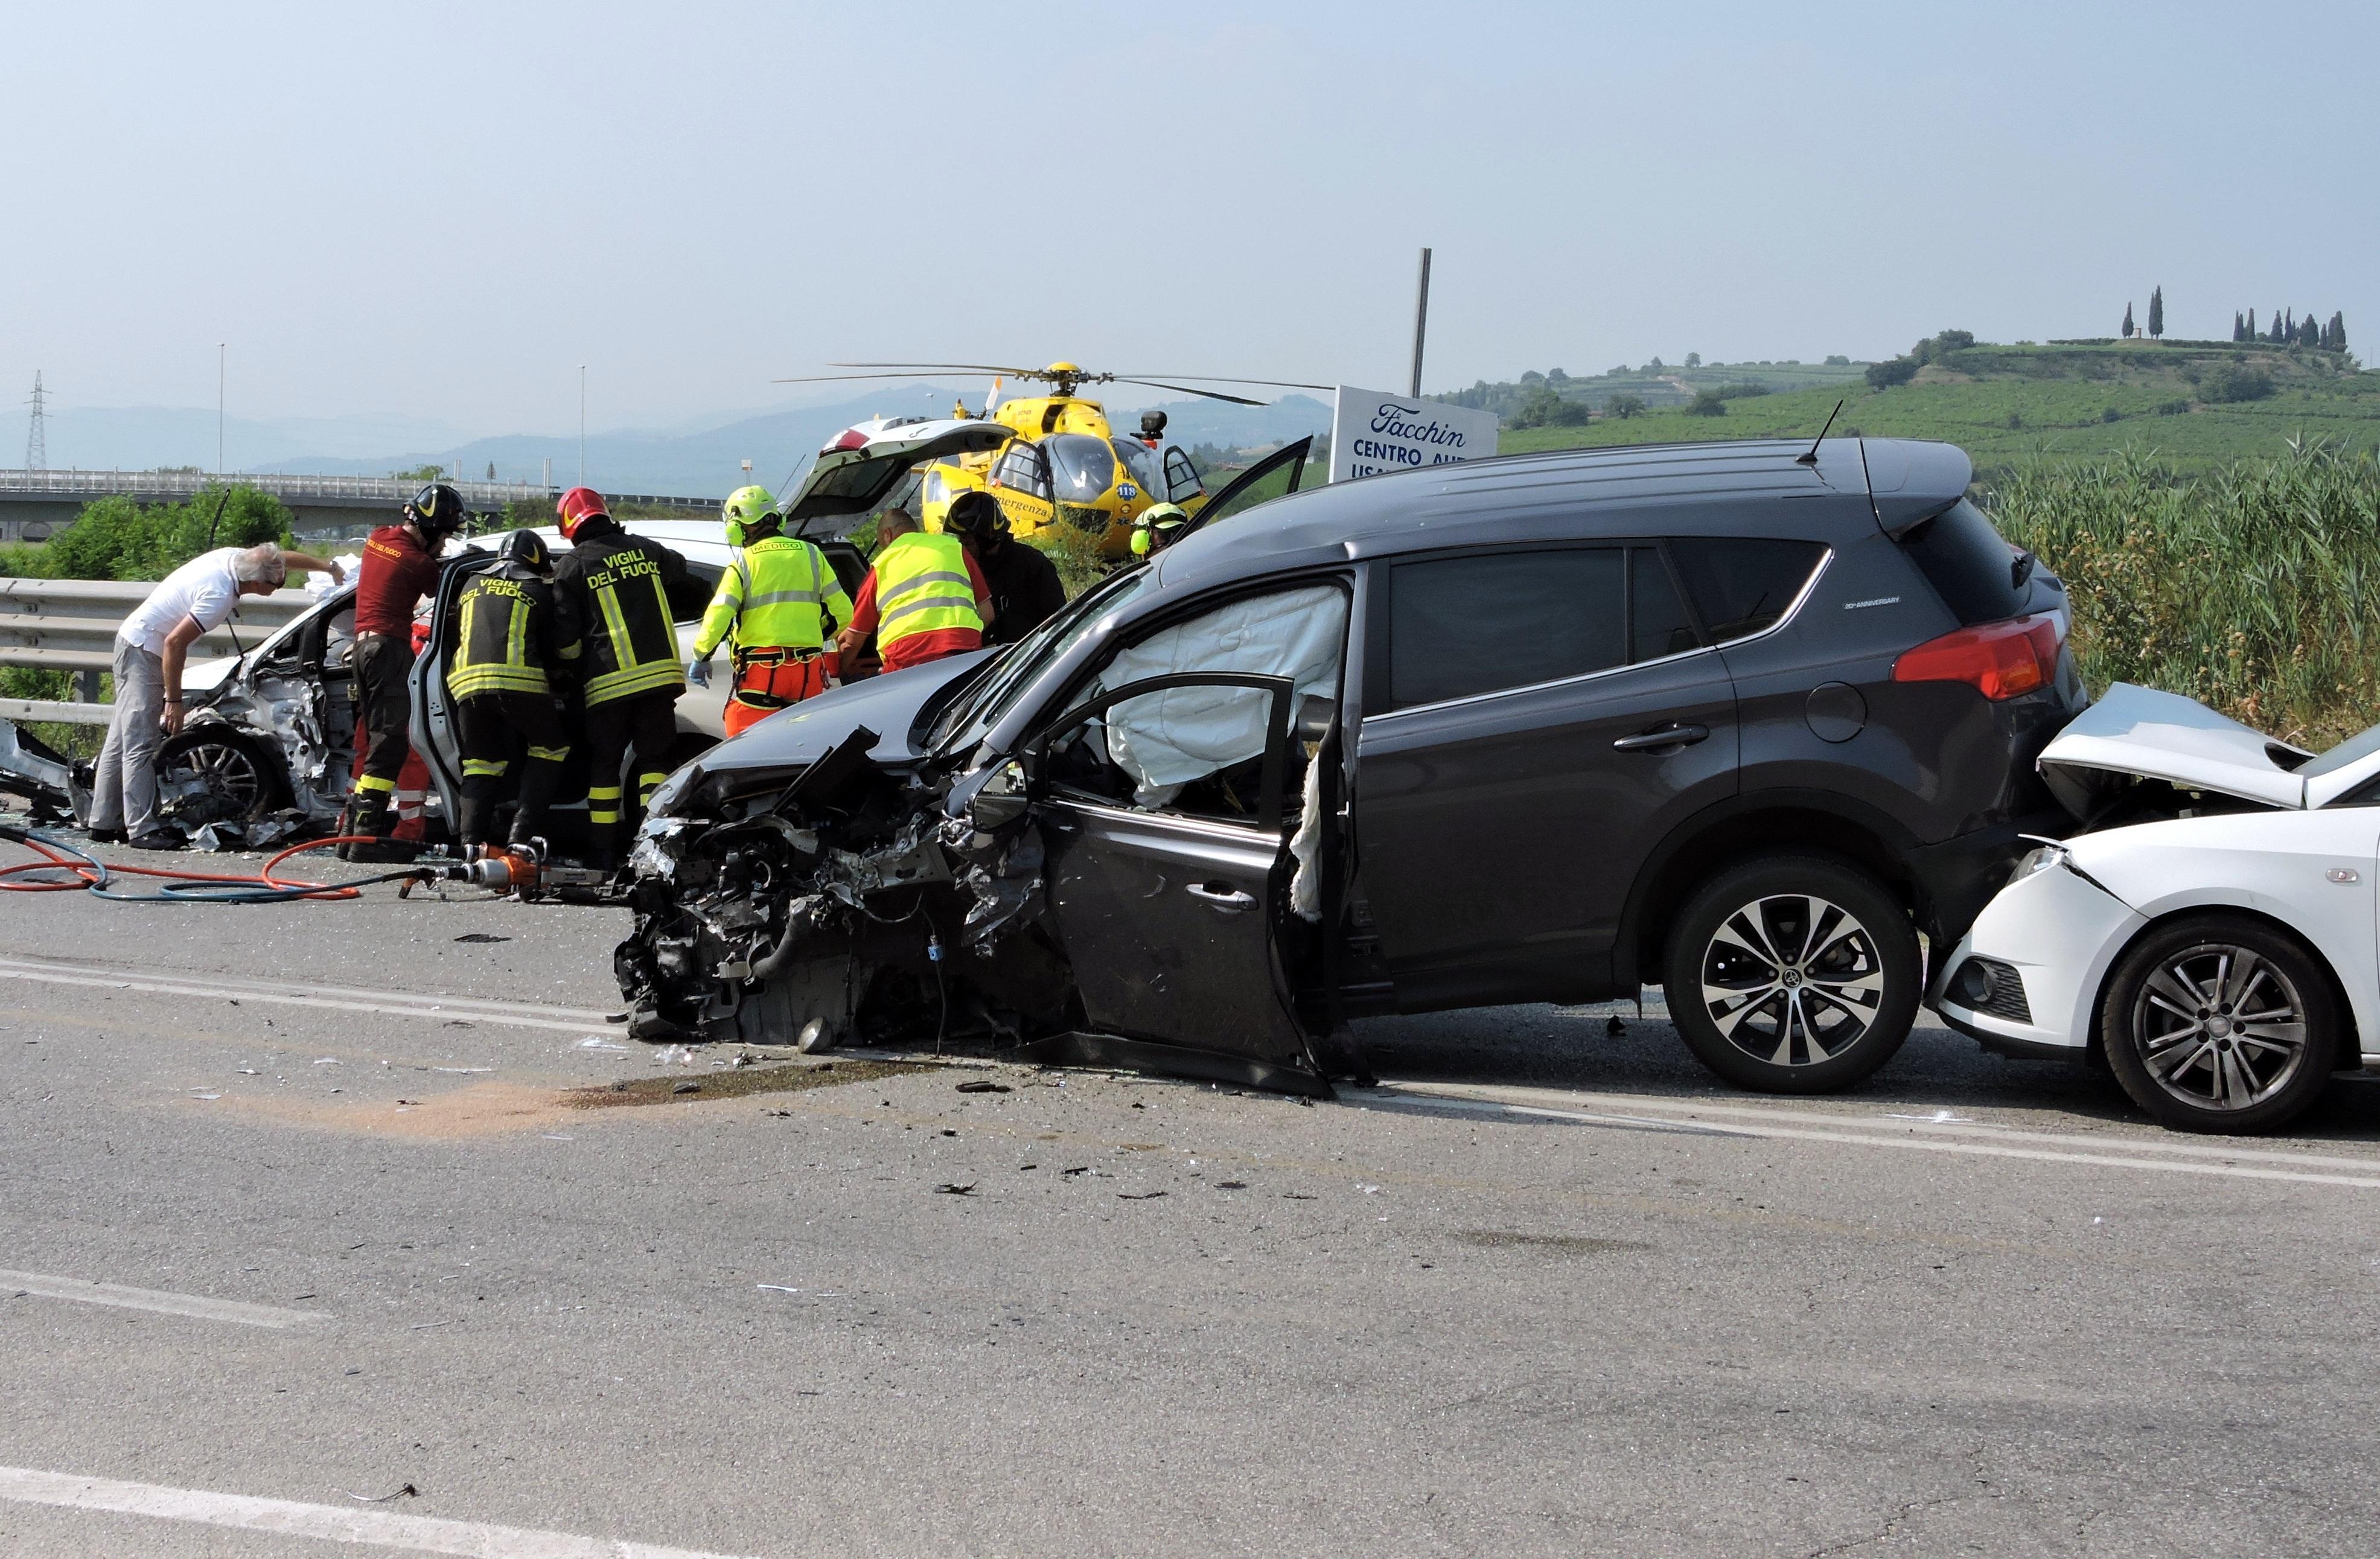 accident-850469